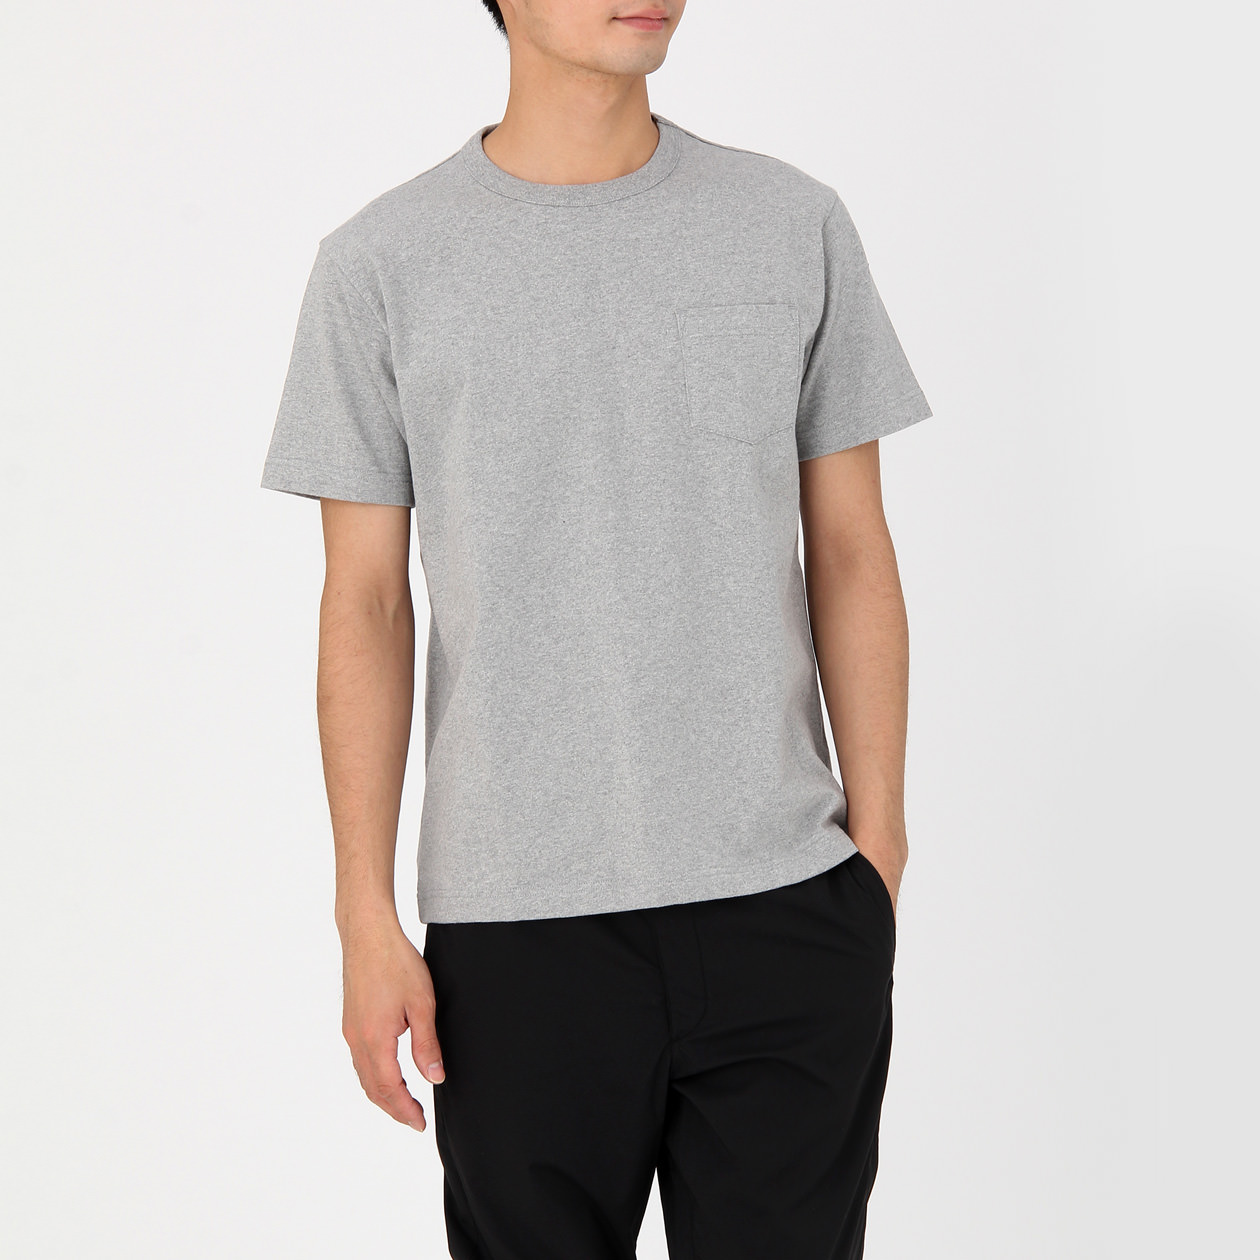 オーガニックコットン太番手クルーネック半袖Tシャツ